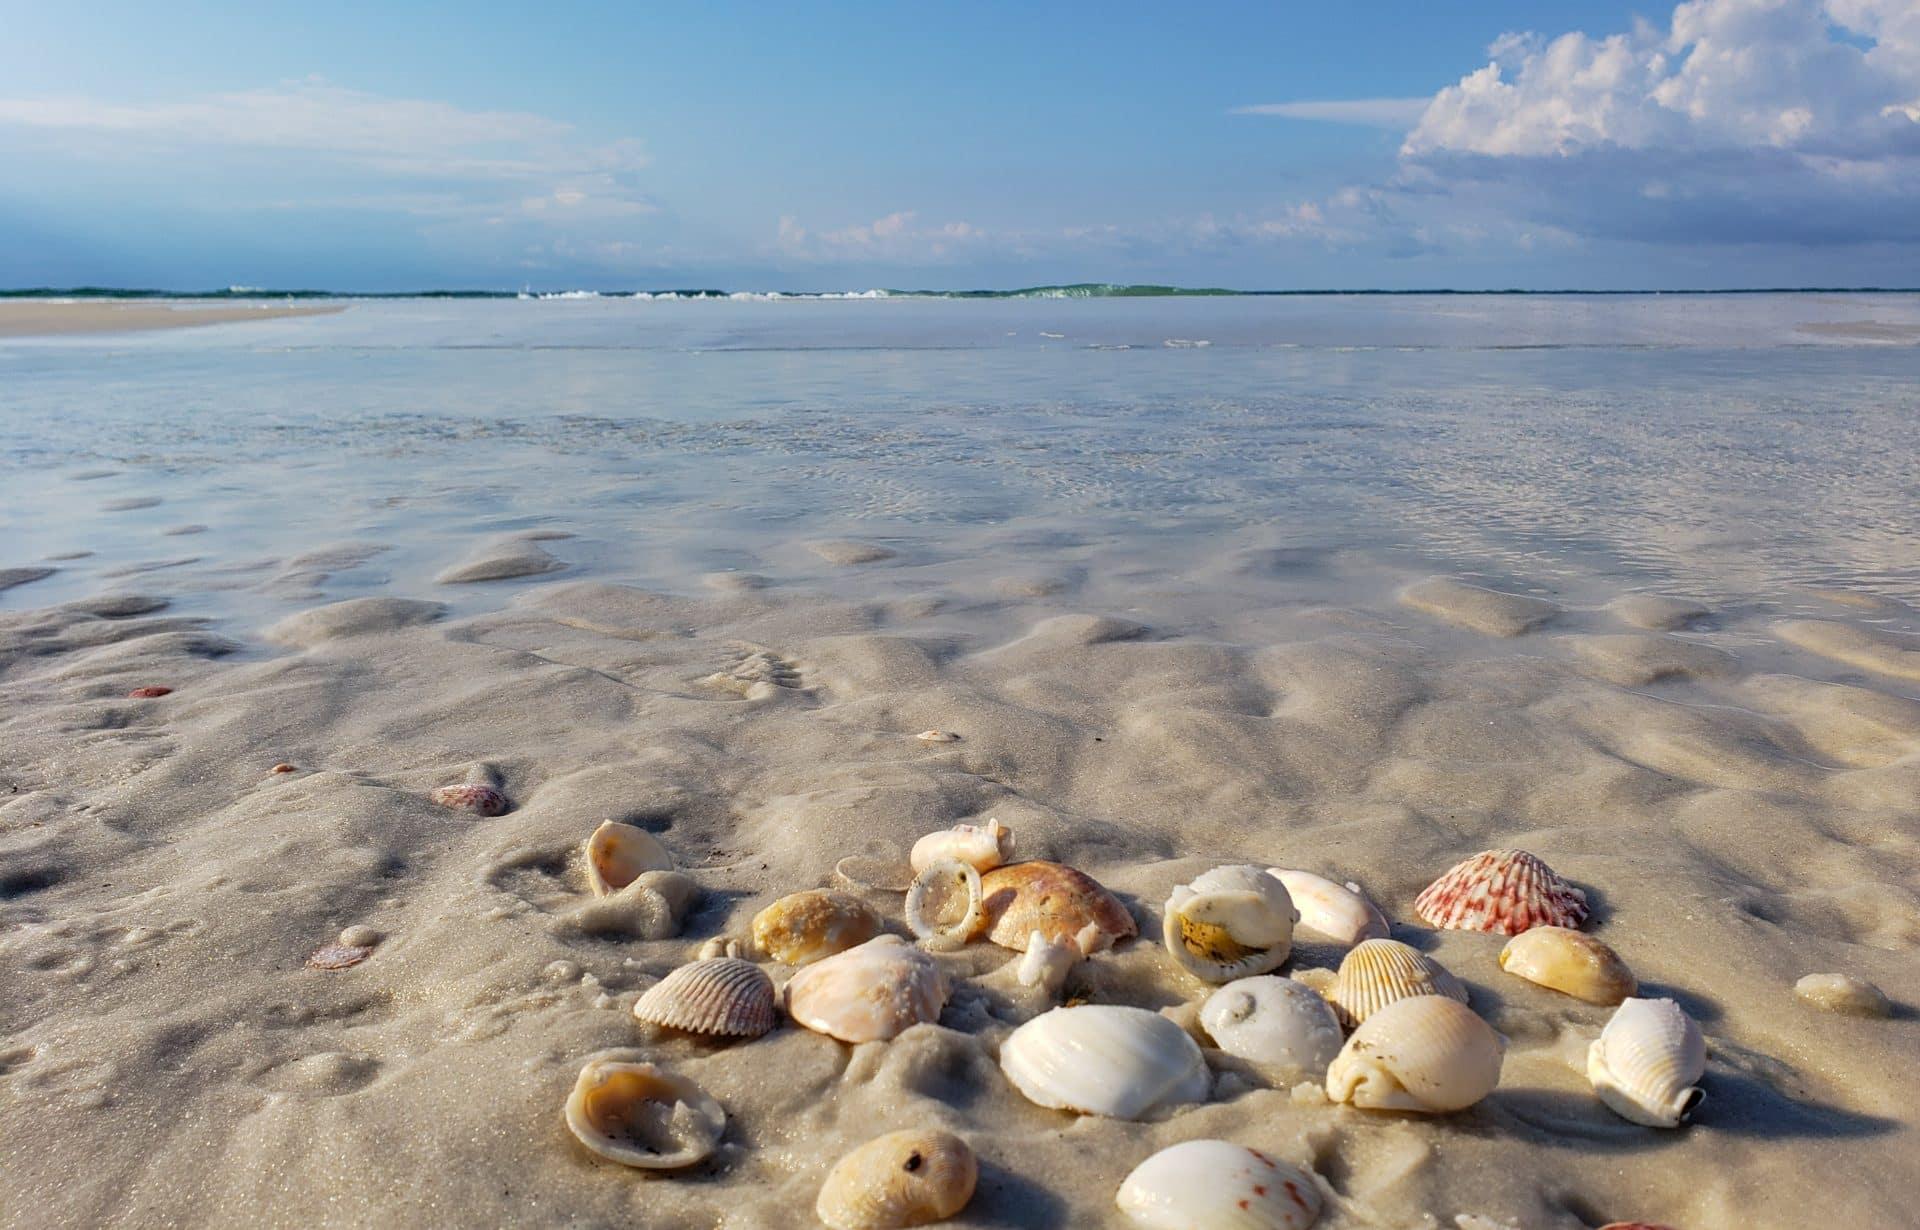 Shells Pensacola Beach Florida